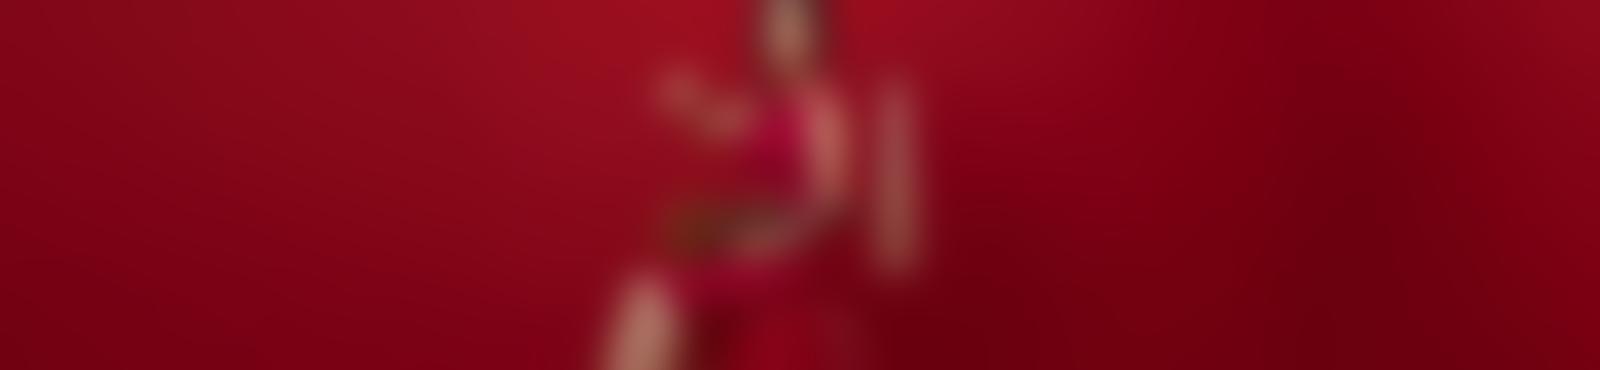 Blurred d6257886 cb4f 4cc5 a640 47f2bc3b5874